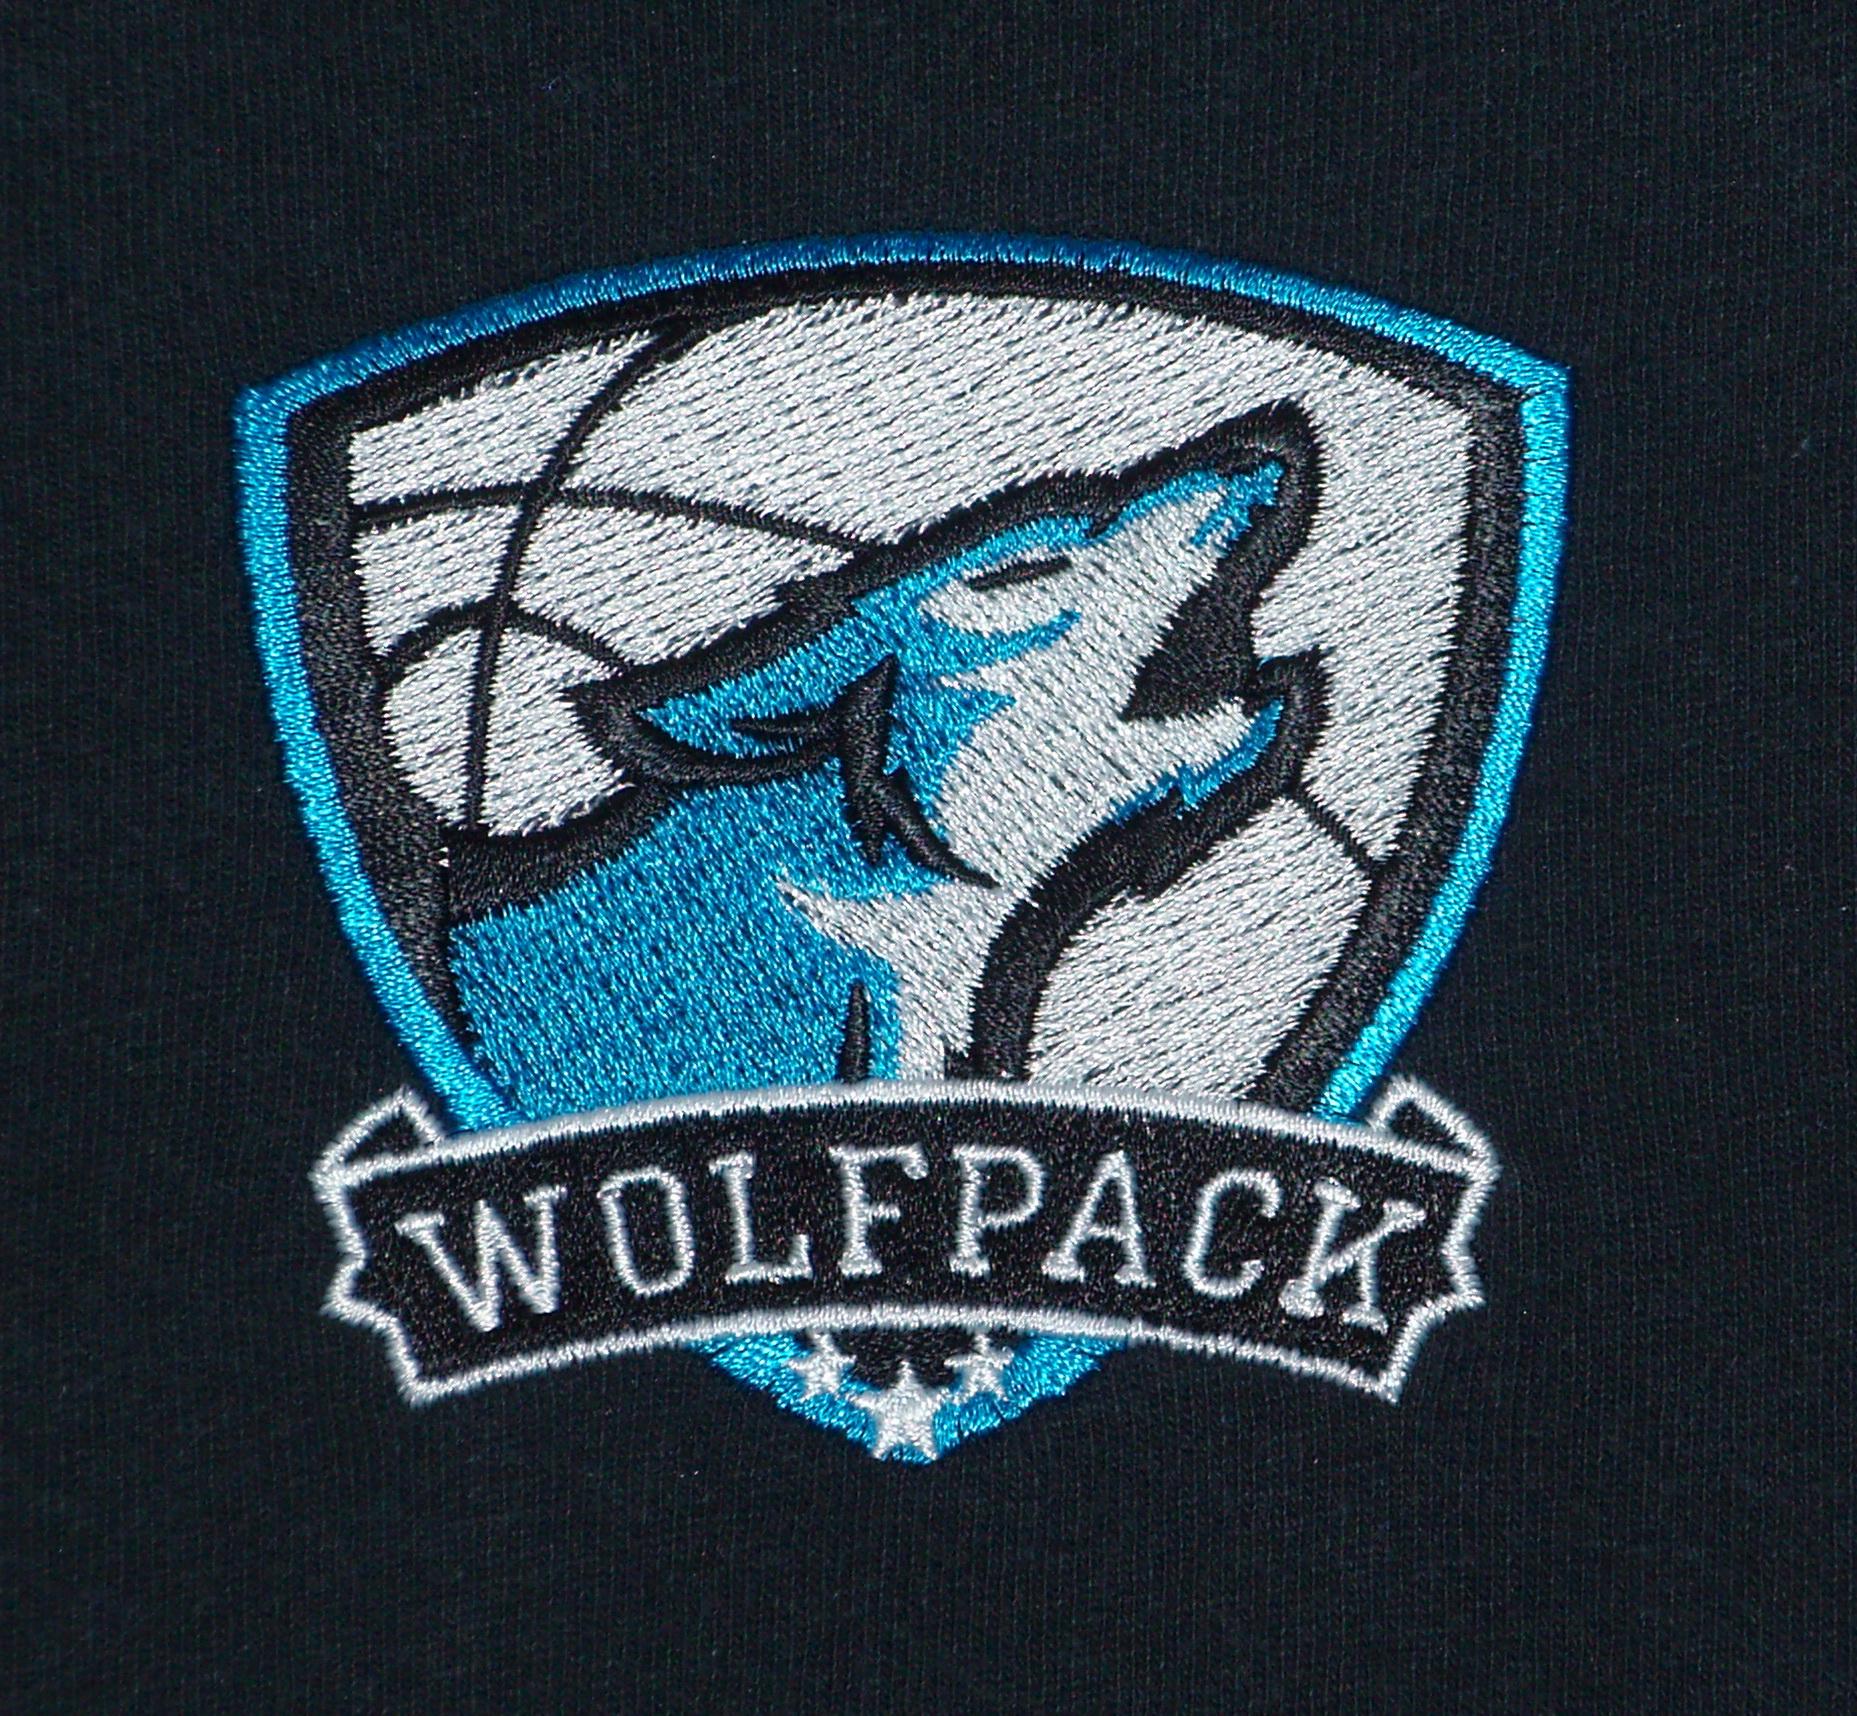 Logo for basketball team